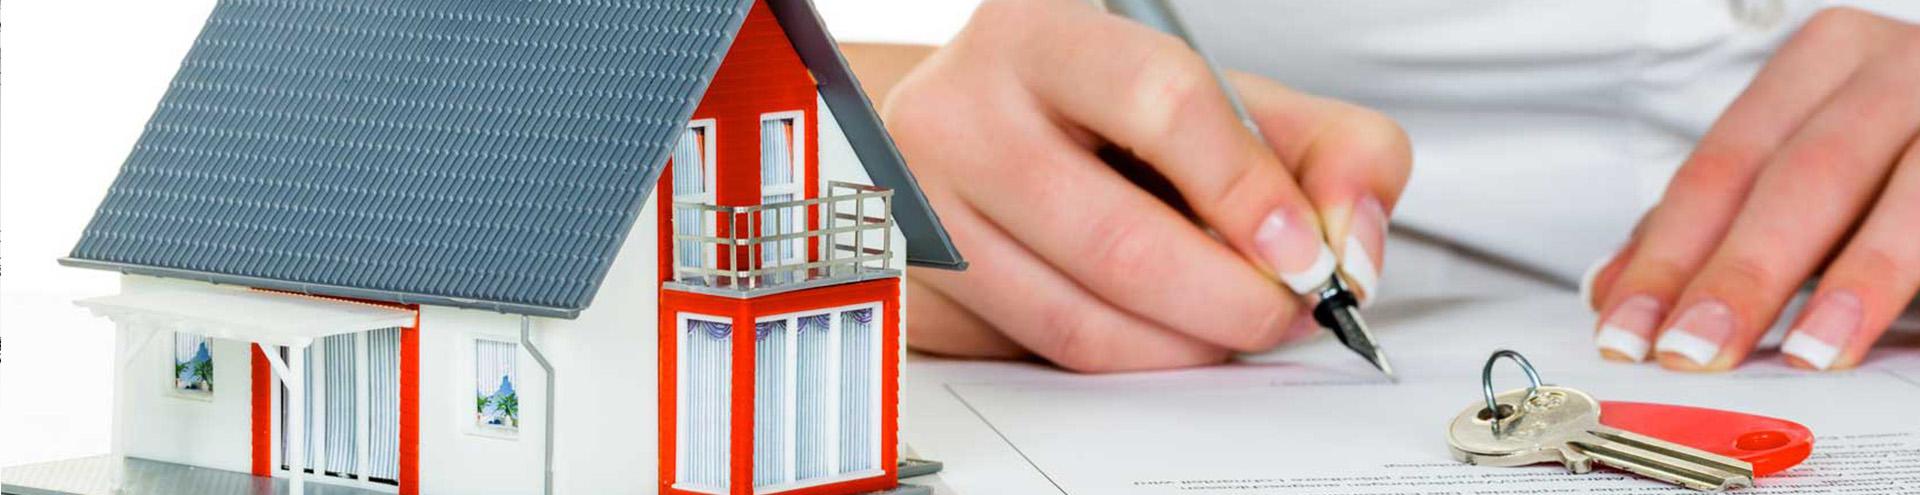 сделки с недвижимостью в Липецке и Липецкой области